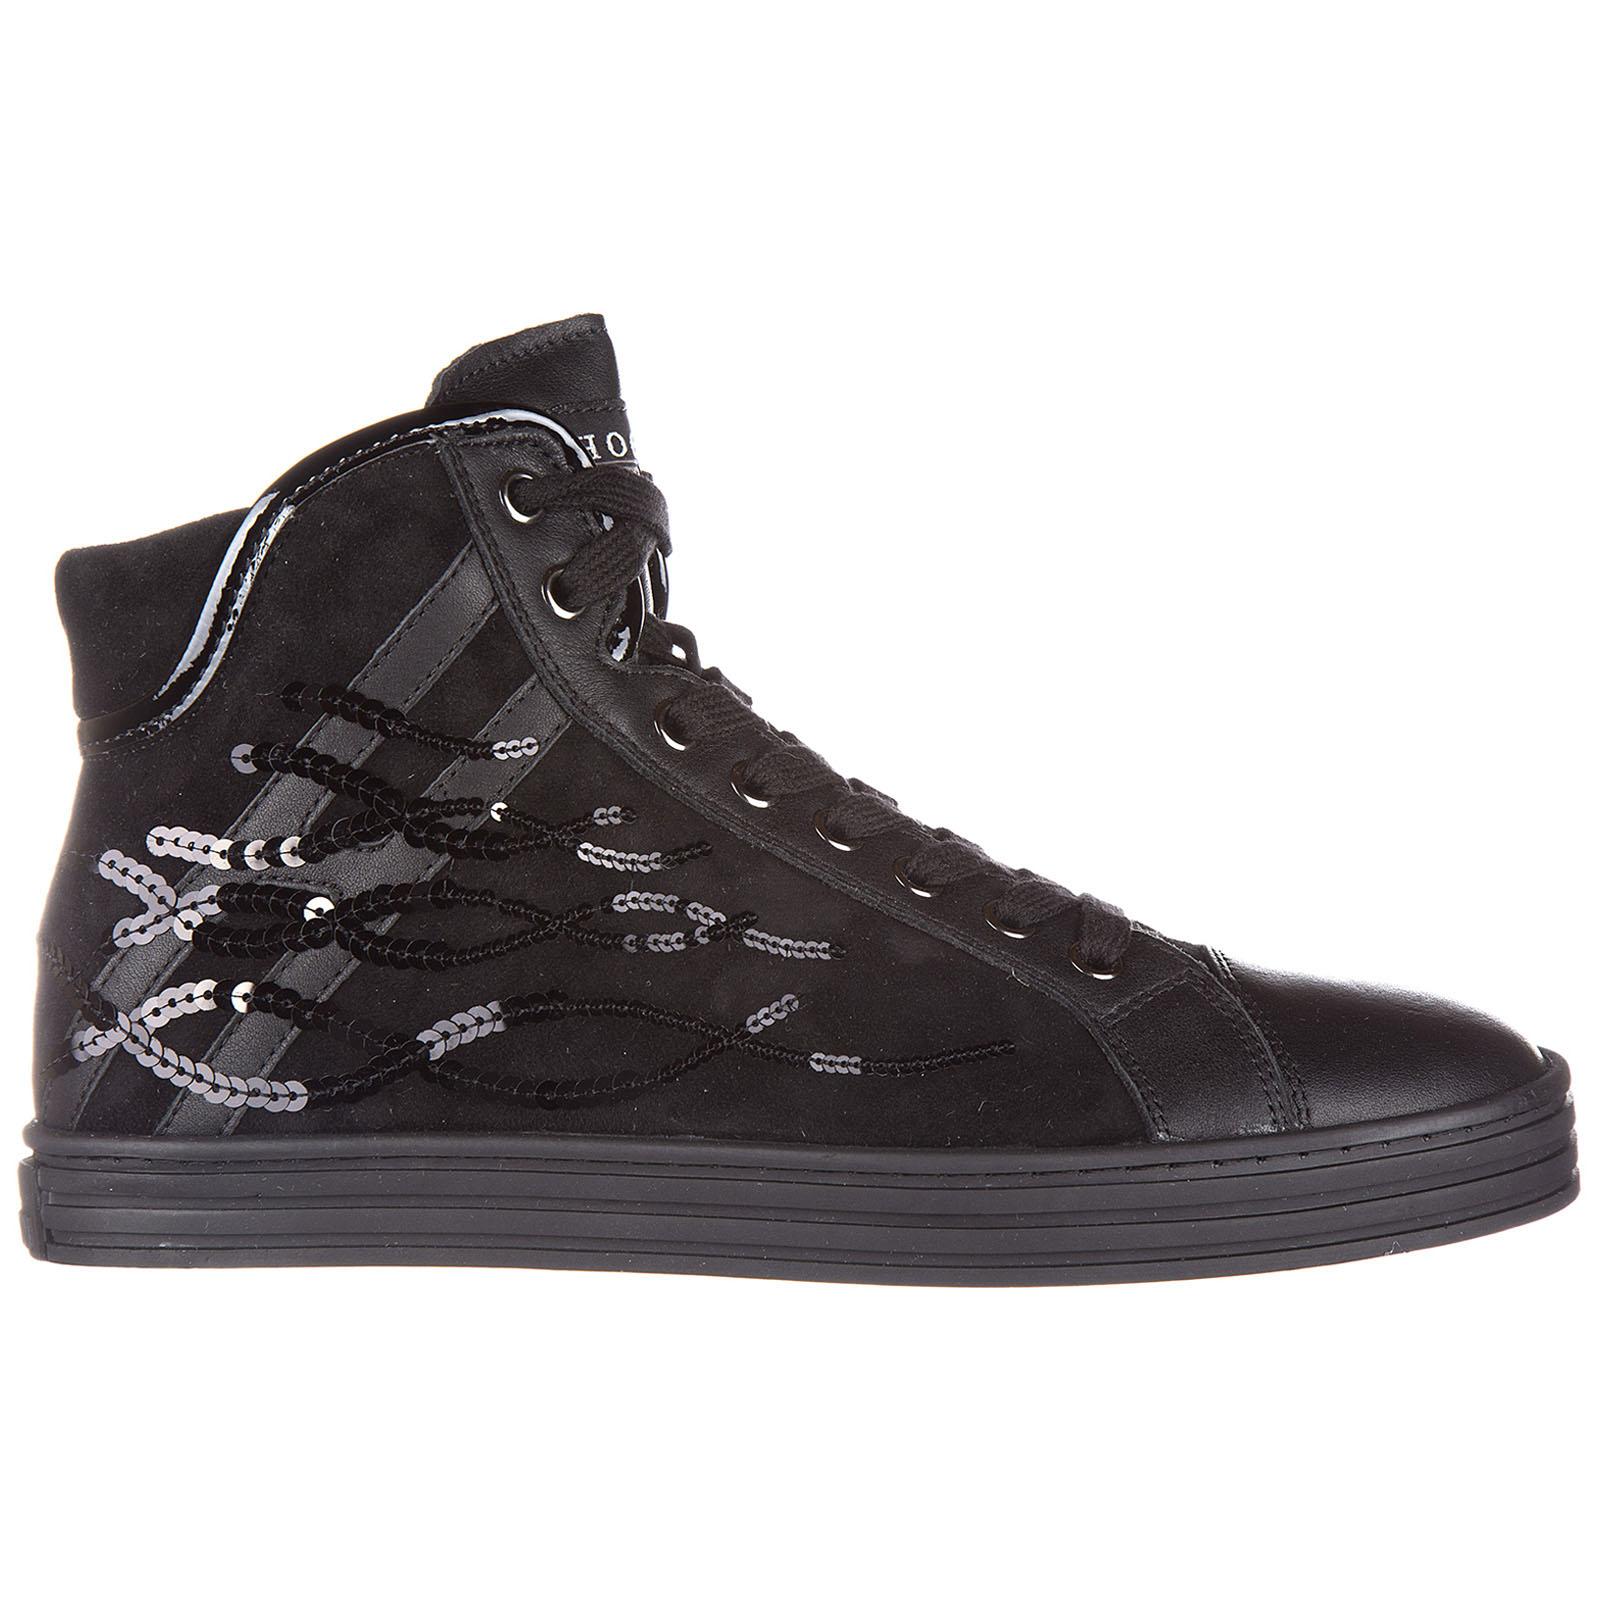 Scarpe sneakers alte donna in camoscio r182 paillettes onde